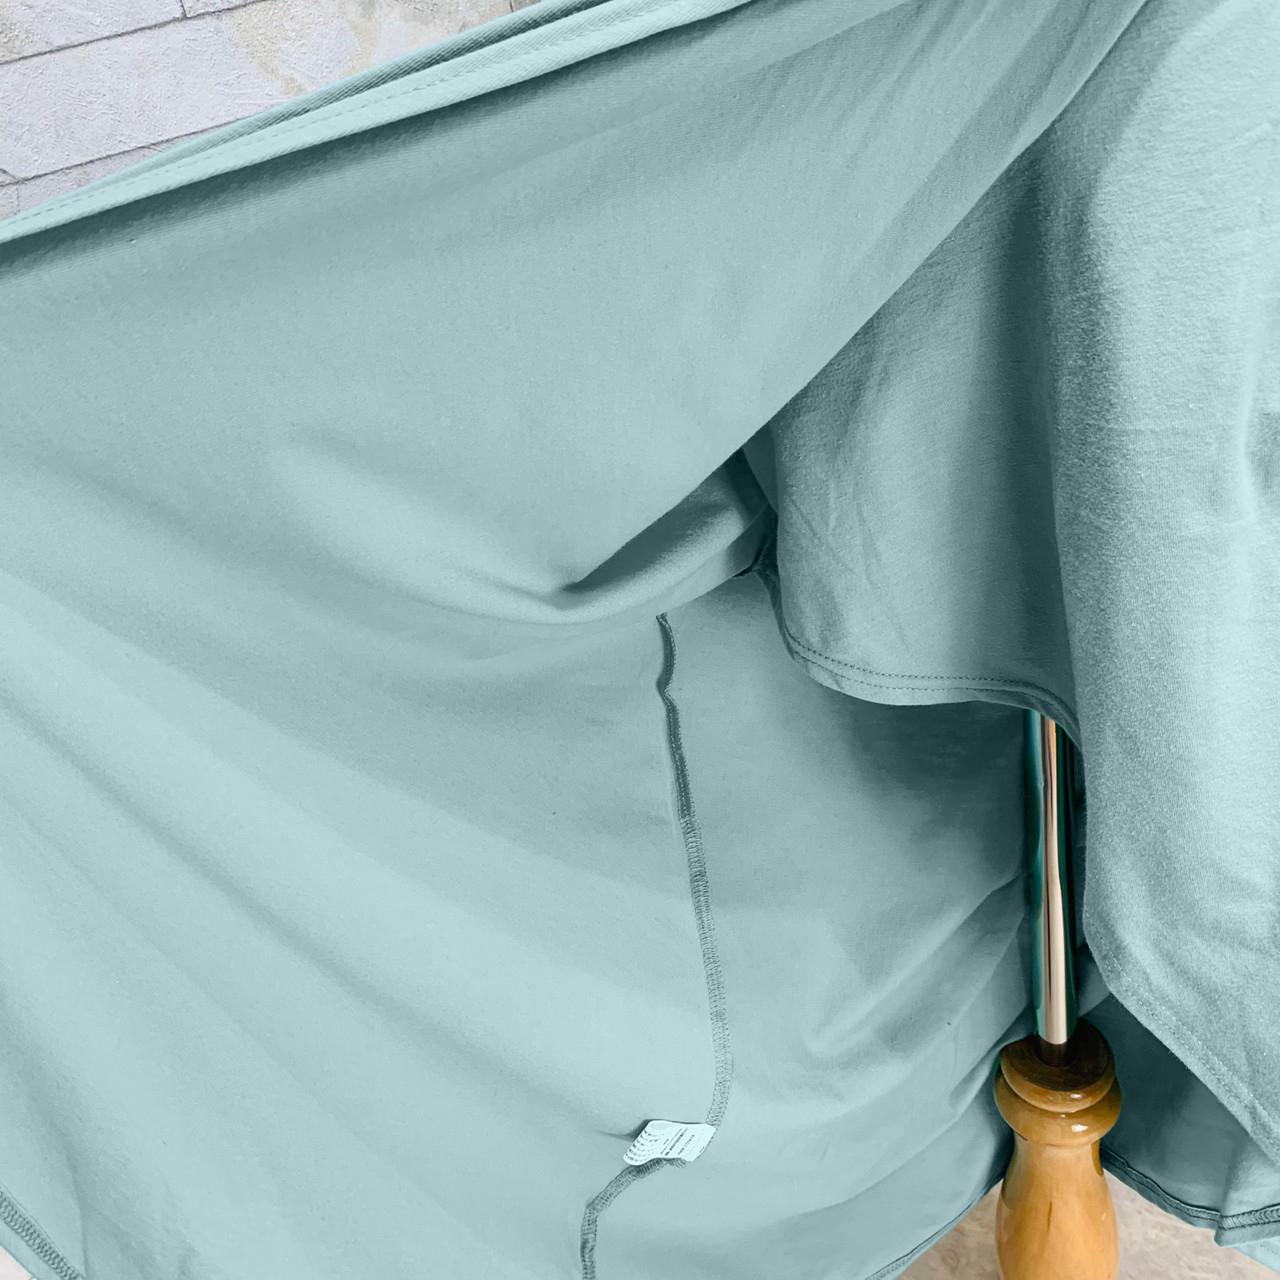 韓国 ファッション ワンピース 夏 春 カジュアル PTXI188  アシンメトリー ツイスト ドレープ スリット オルチャン シンプル 定番 セレカジの写真20枚目